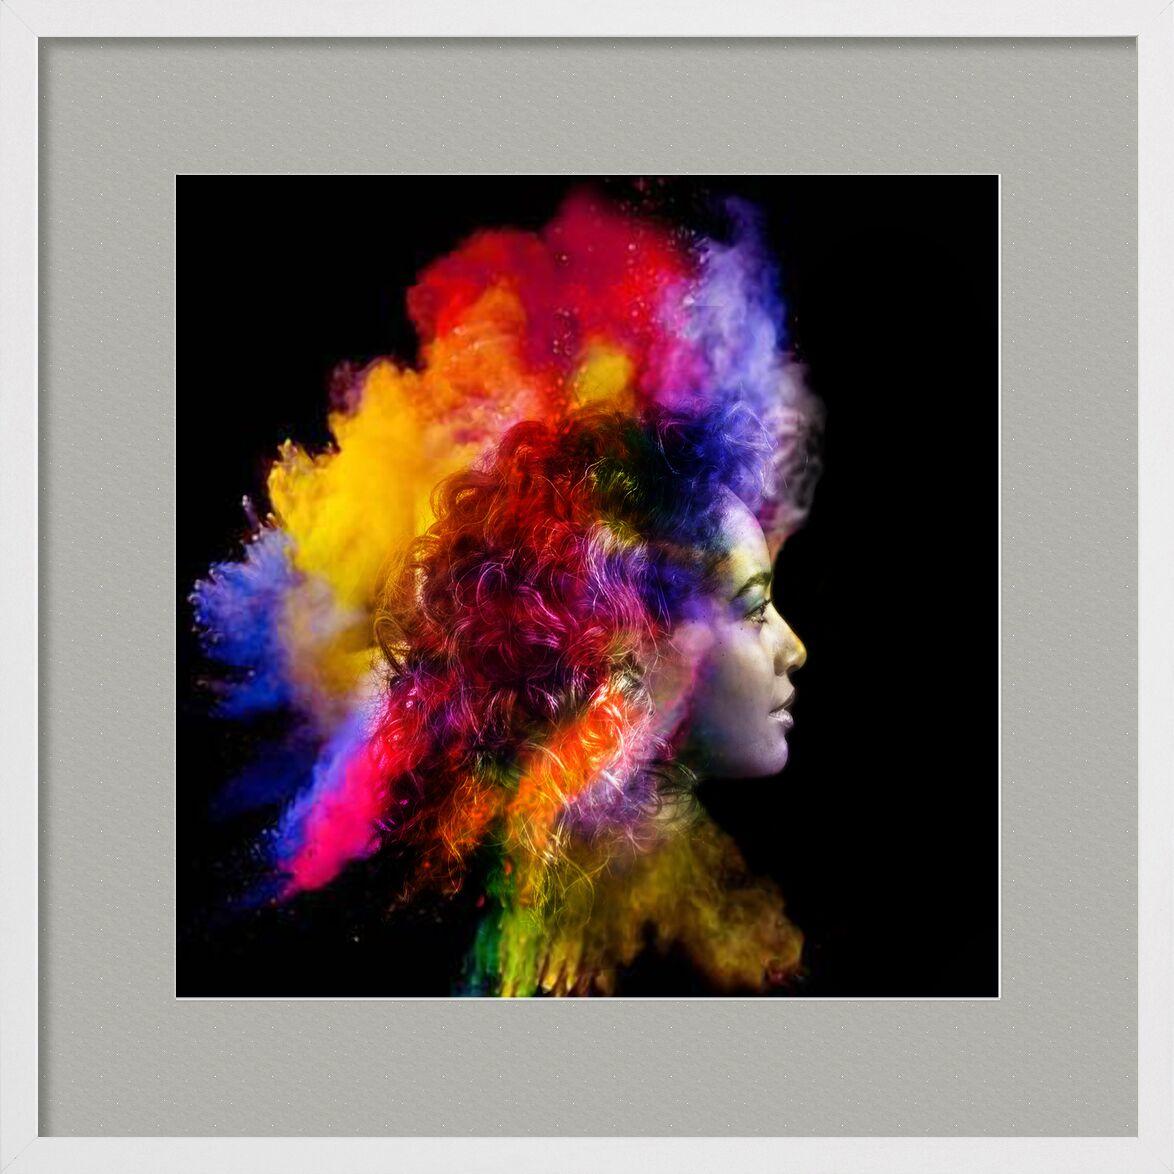 Dans un éclair de fumée de Adam da Silva, Prodi Art, rouge, noir, visage, femme, éclair, fumée